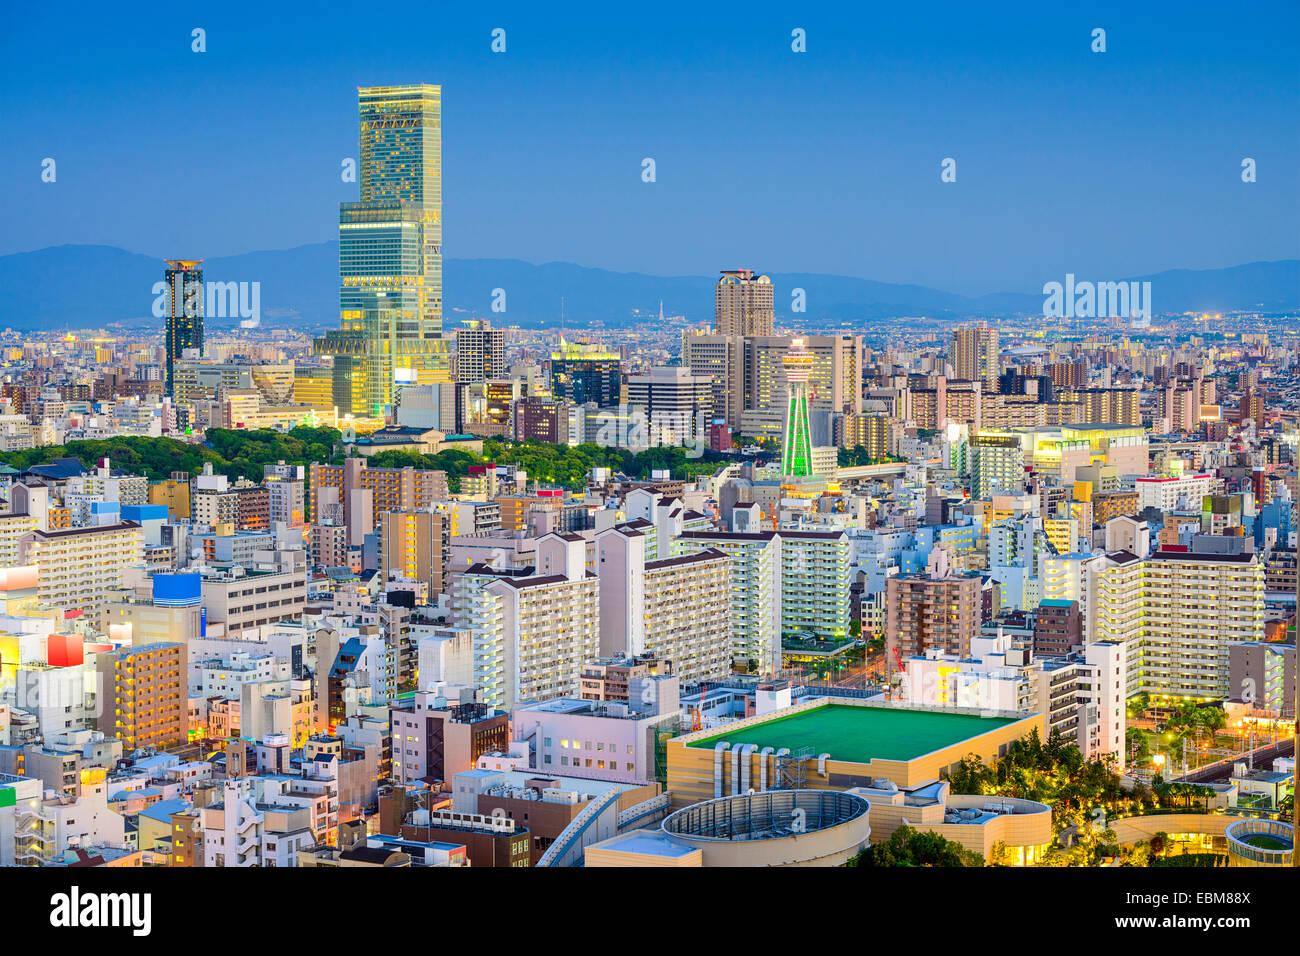 Osaka, Giappone cityscape vista di Abeno Shinsekai e distretti. Immagini Stock